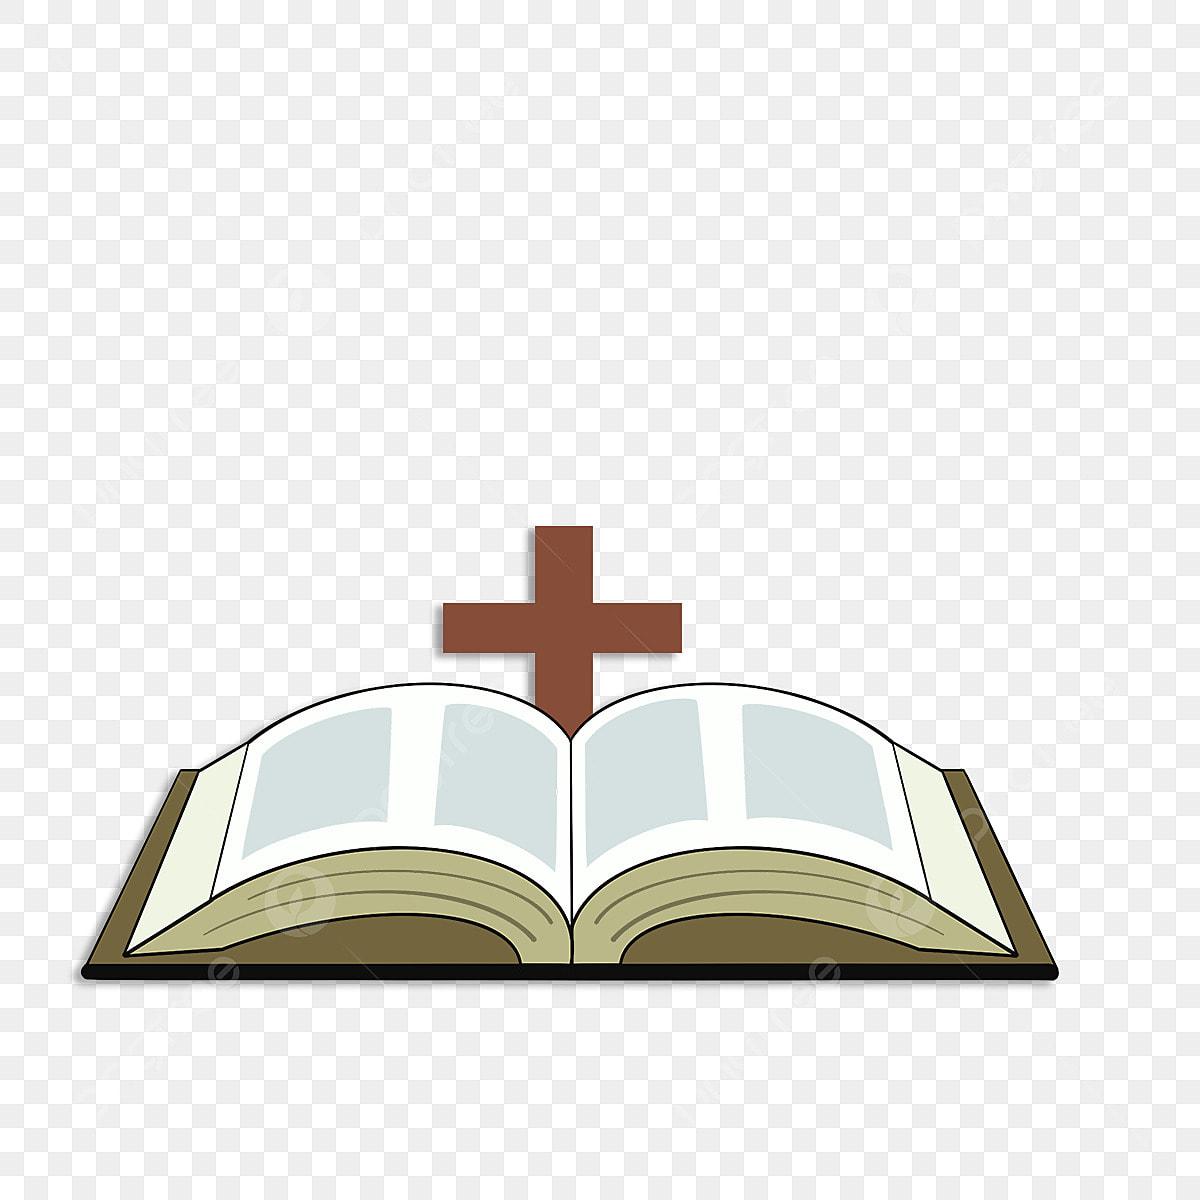 Ilustracion De La Biblia Abierta Creativa Pintada A Mano La Biblia Extendido Book Png Y Psd Para Descargar Gratis Pngtree